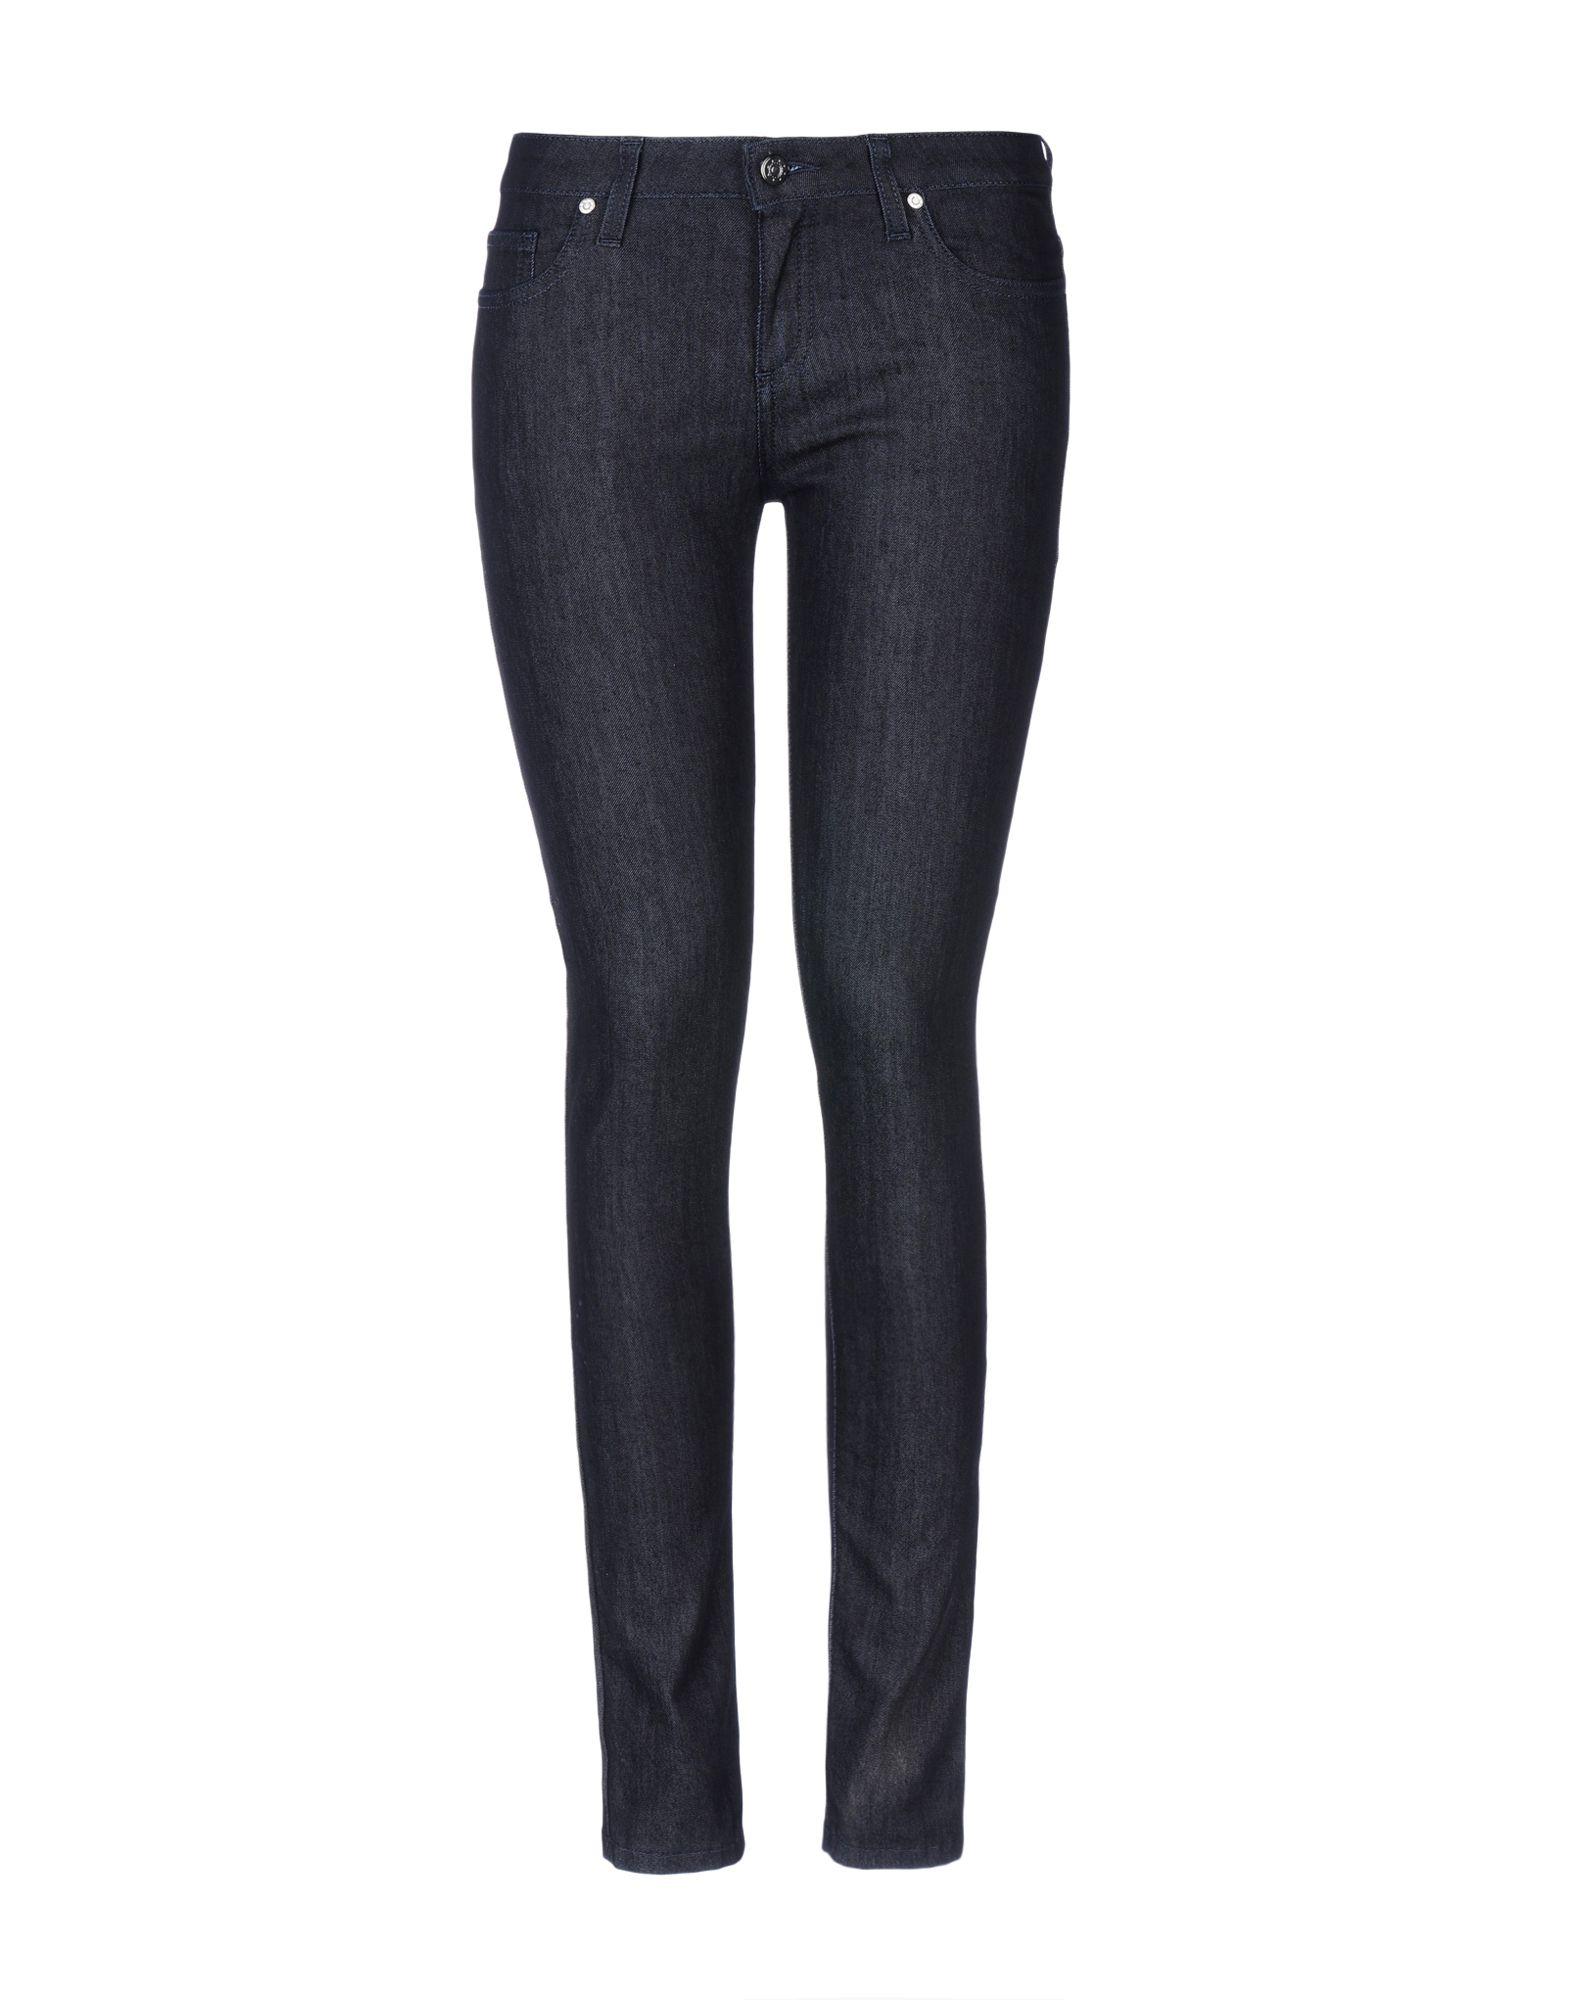 8 Джинсовые брюки 55dsl джинсовые брюки